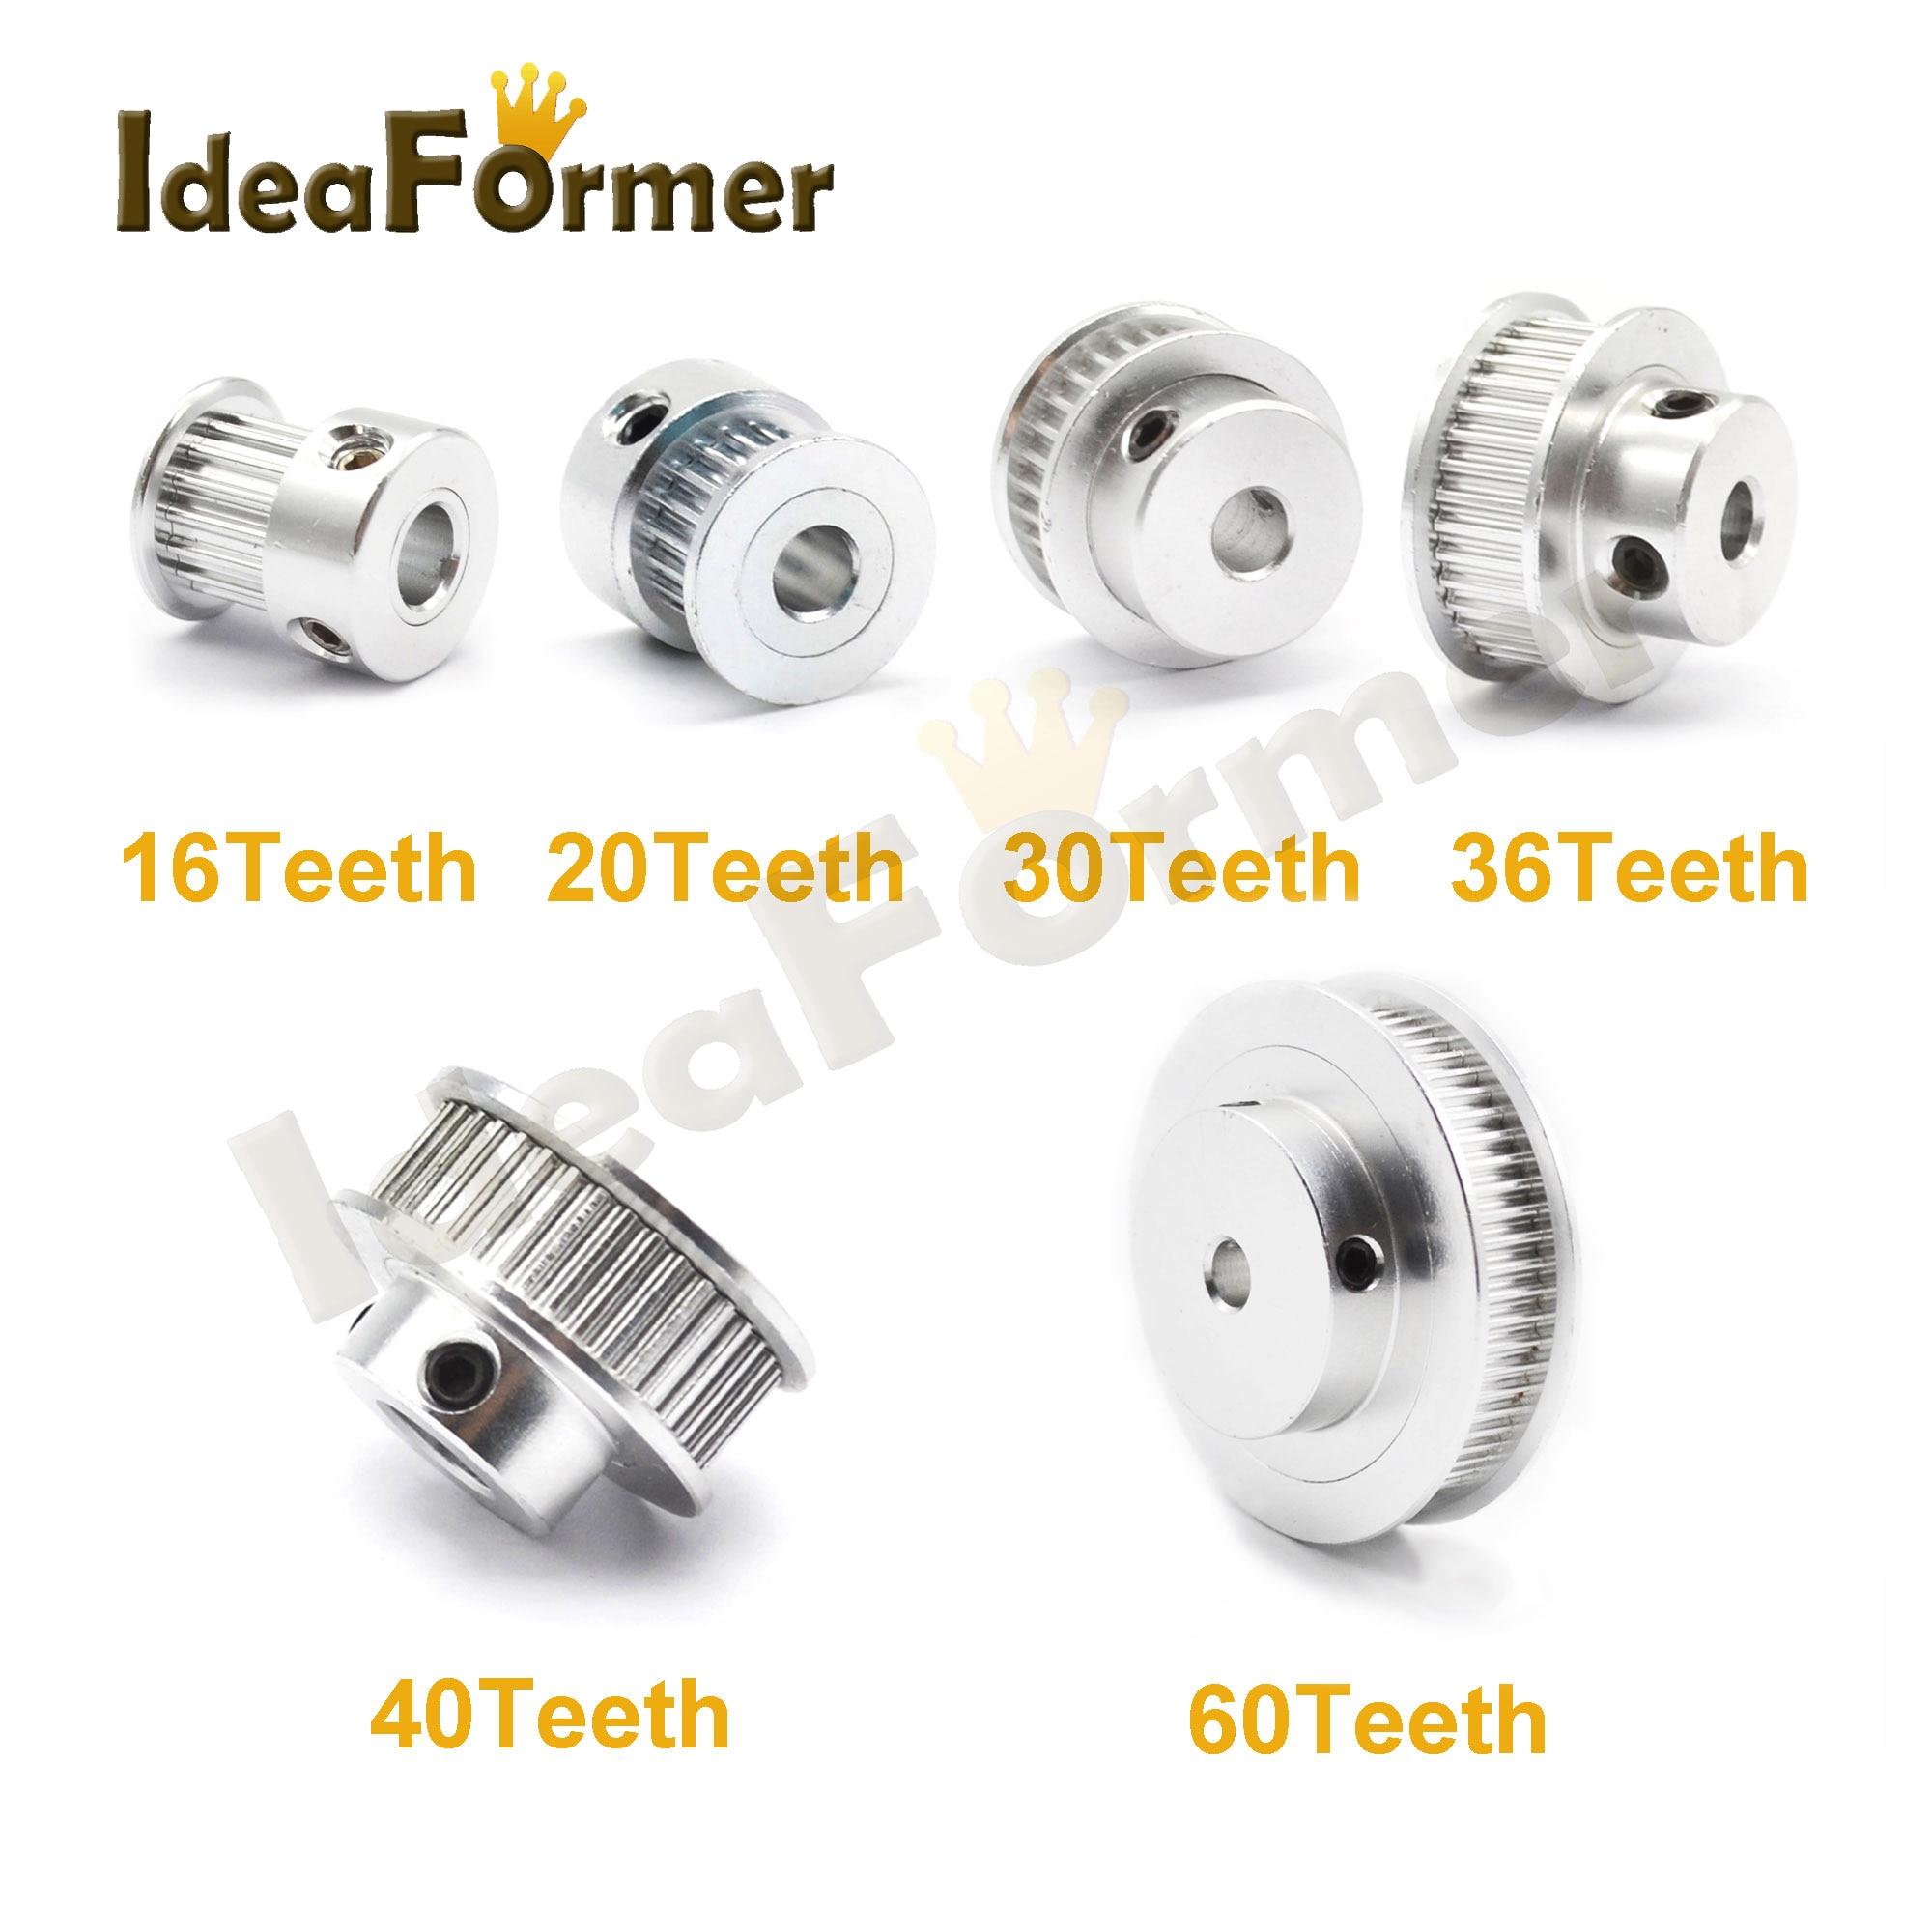 GT2 20 Teeth Timing Pulley 16 20 30 36 40 60 Teeth Aluminum Bore 5mm 8mm Fit In GT2 Belt Width 6mm 3D Printer GT2 Pulley